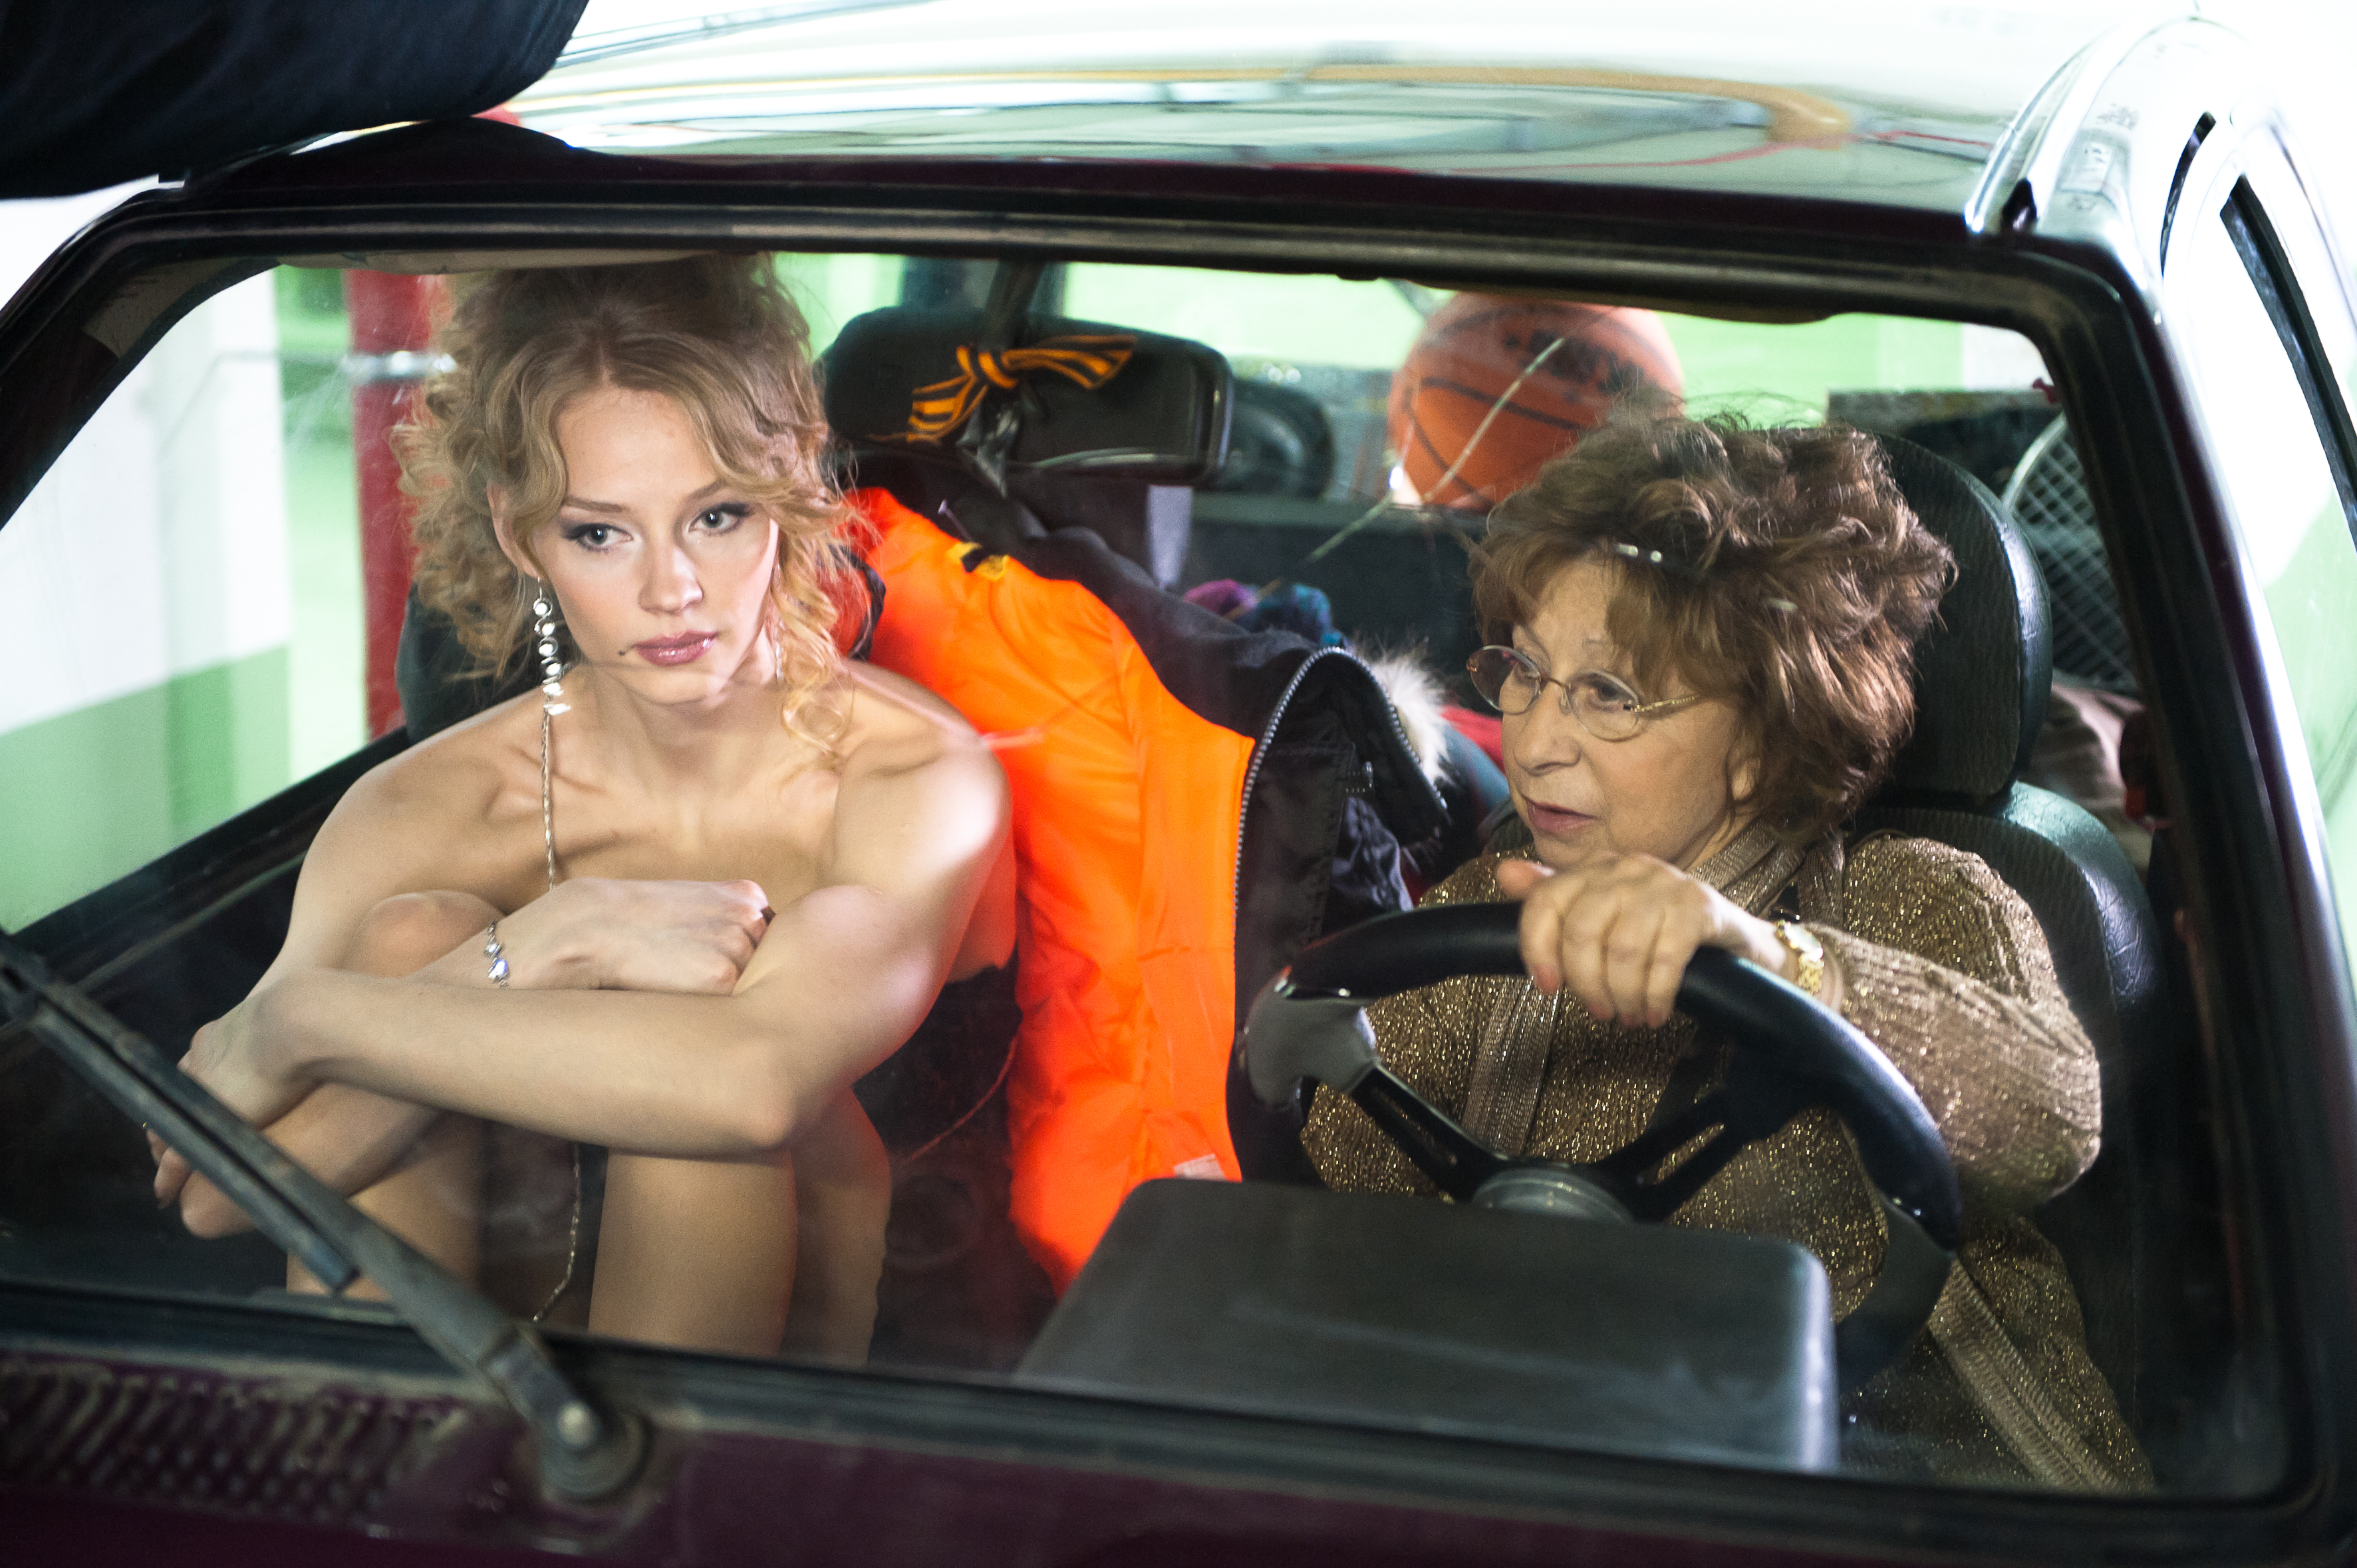 Сестра машине рассказ, Все рассказы про: «с сестрой в машине» Эротические 3 фотография